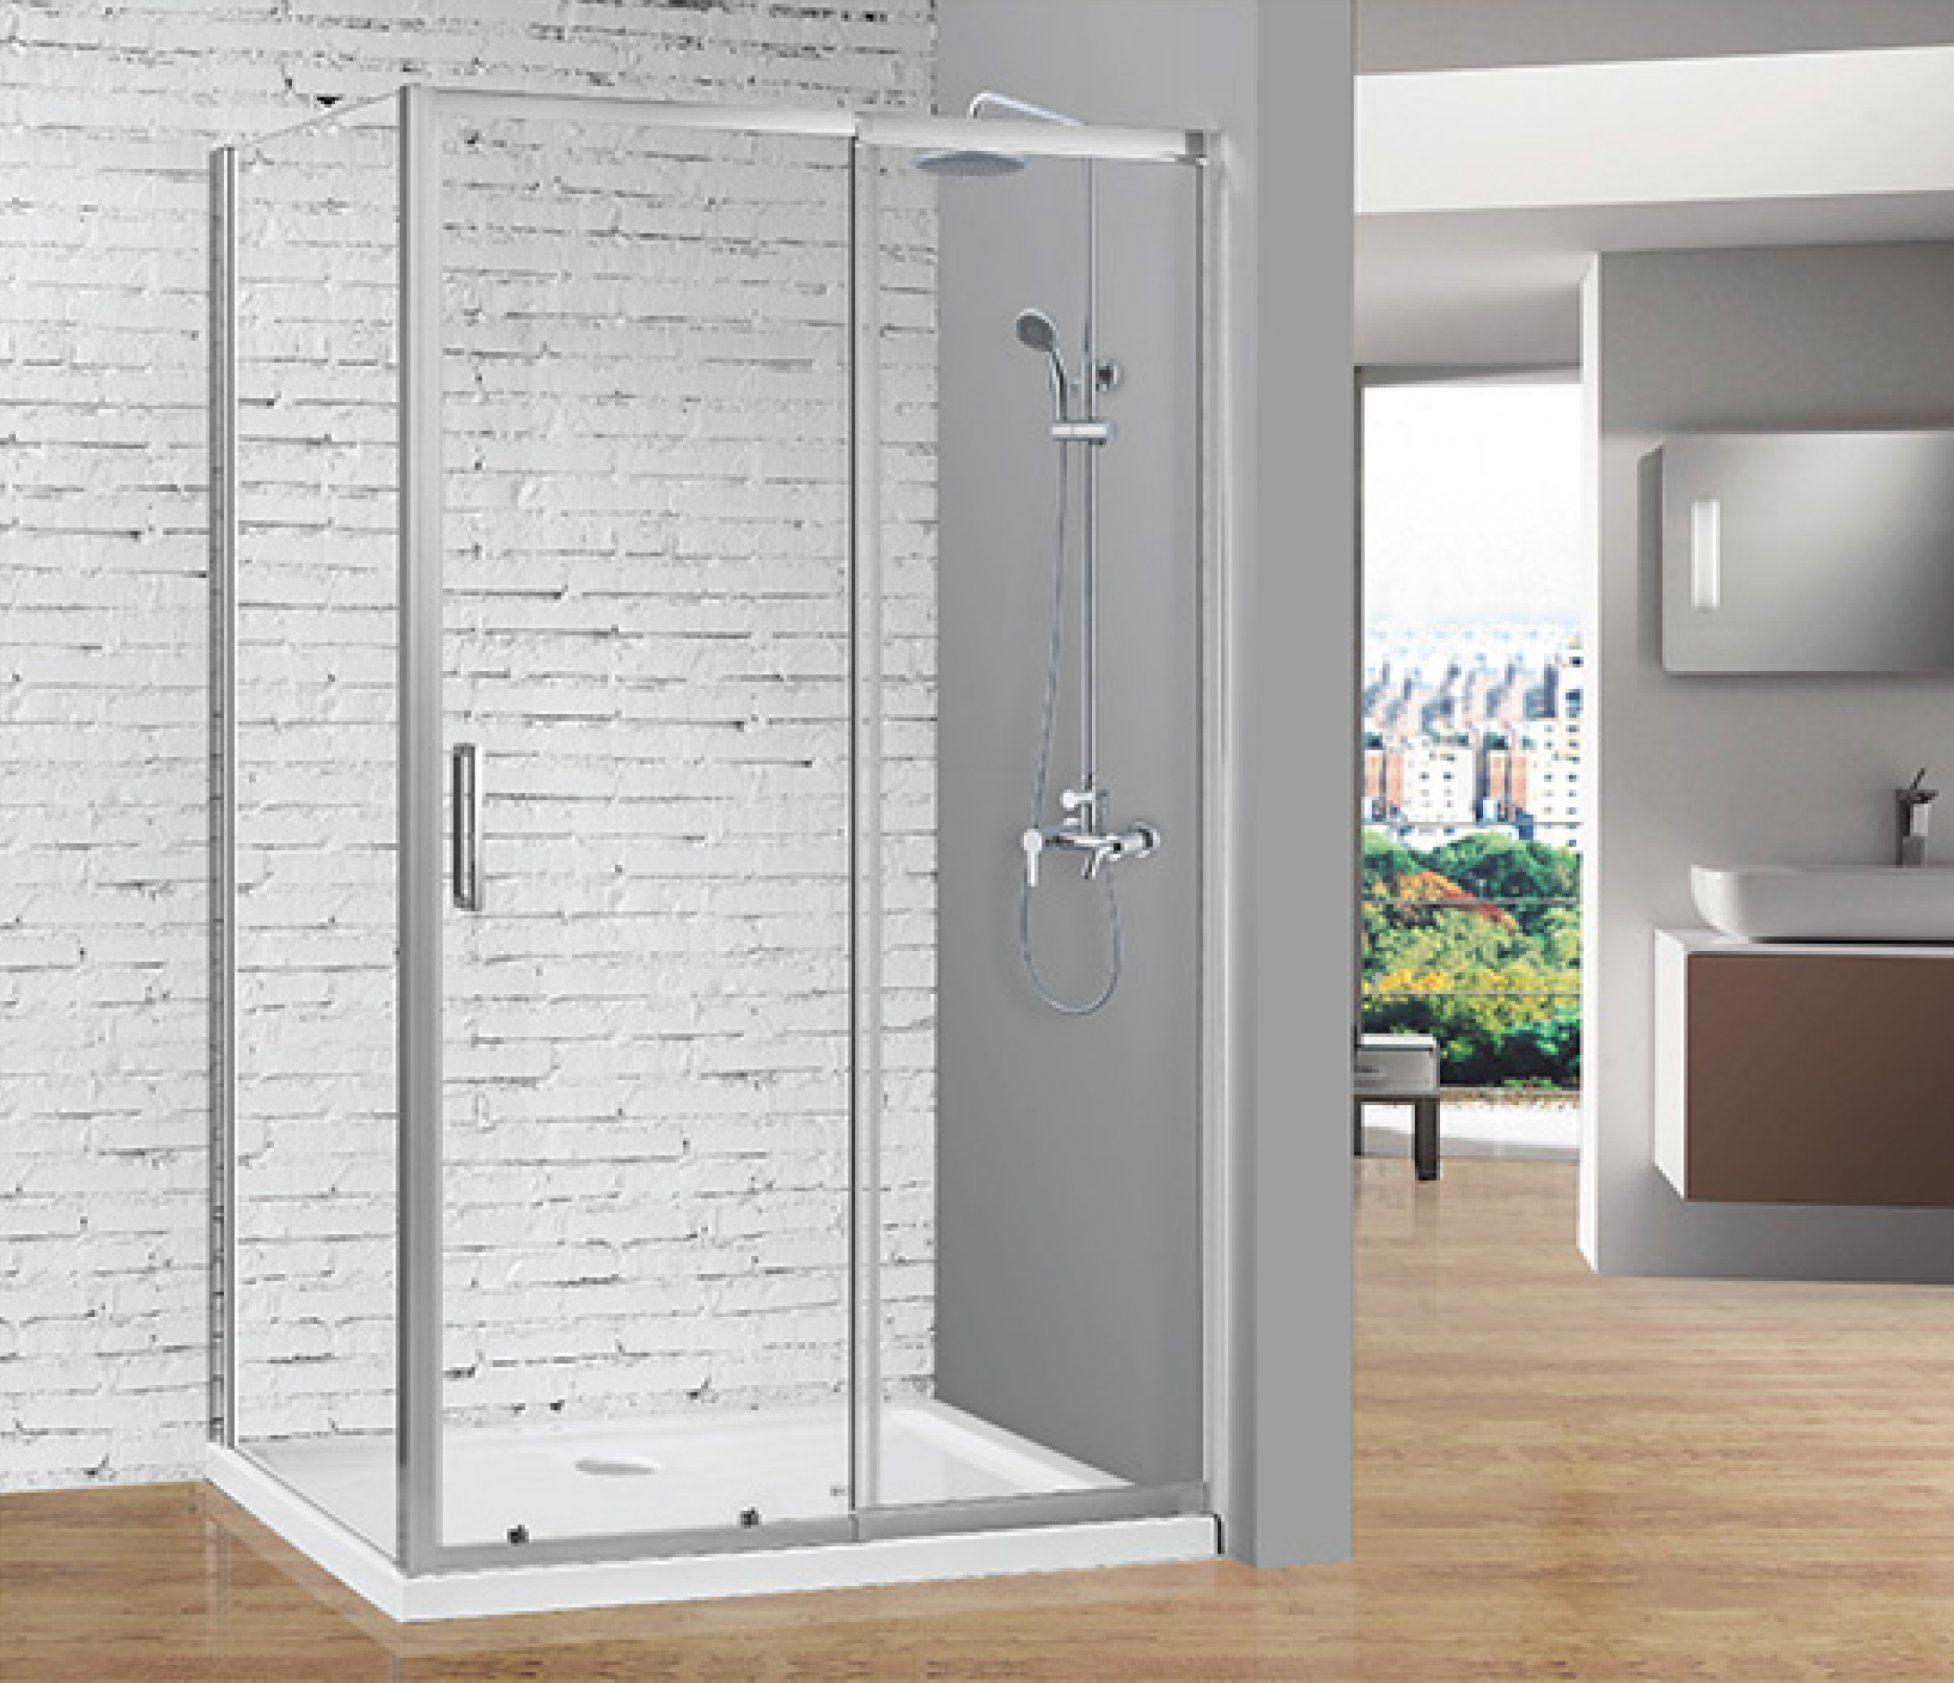 Hot Item Sally Telescopic Sliding Door Of 6mm Tempered Glass Hinge Shower Door With Big Adjustment